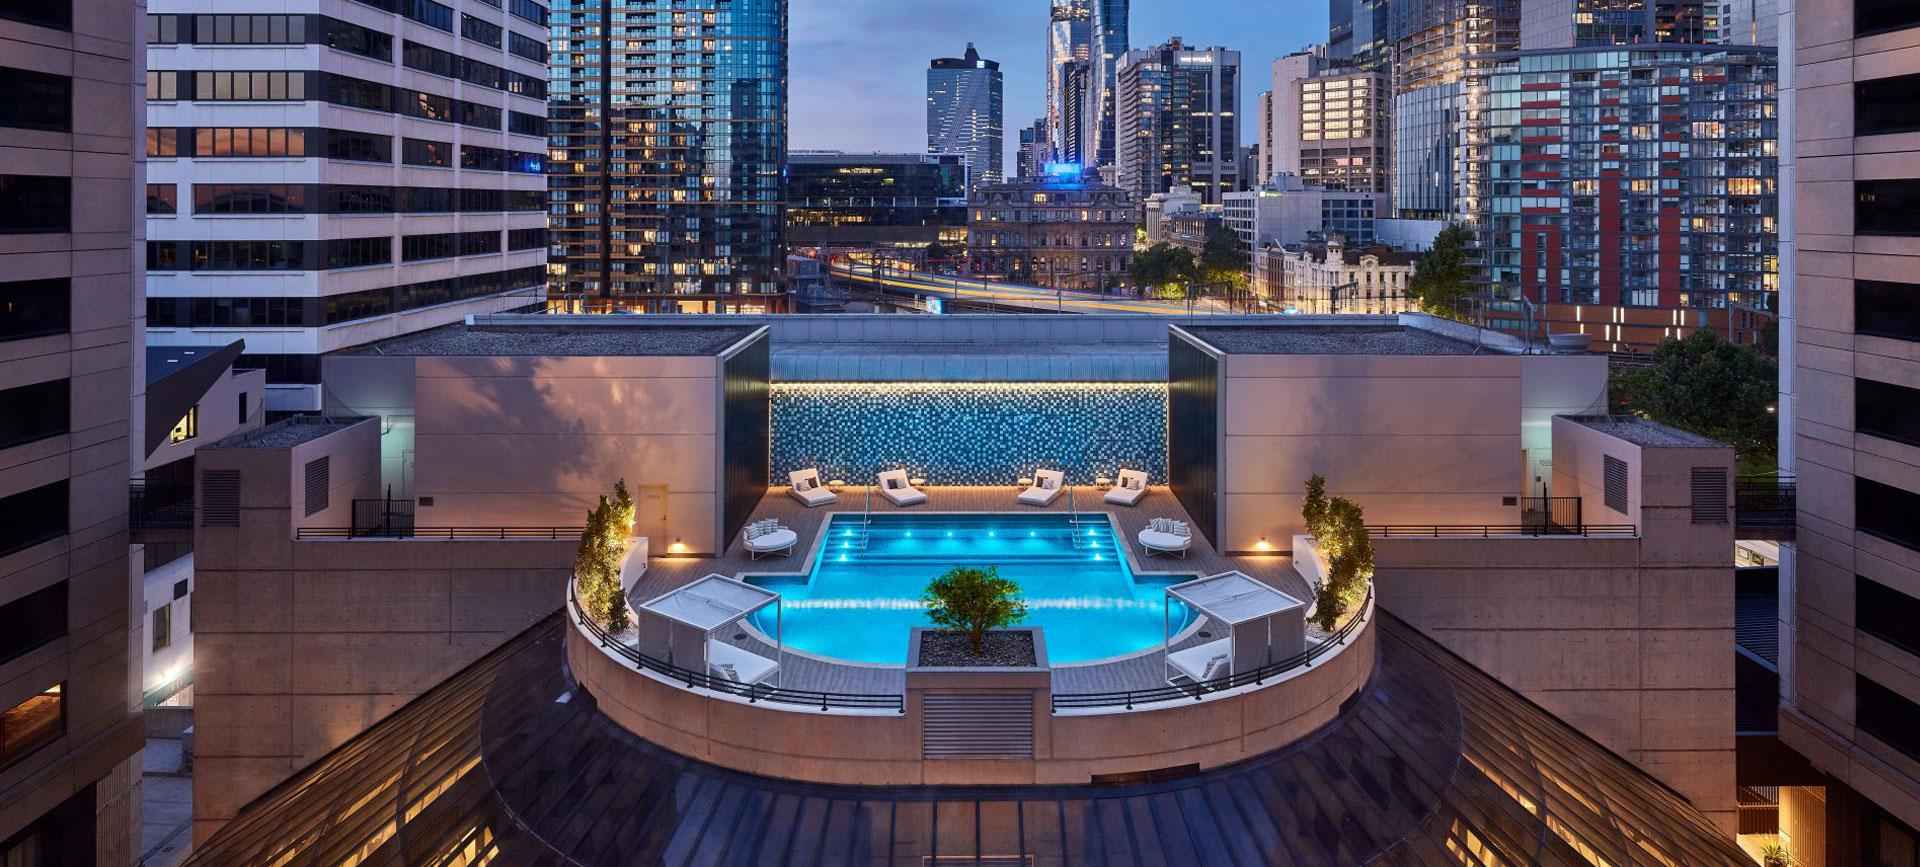 crown plaza pool refurbishement